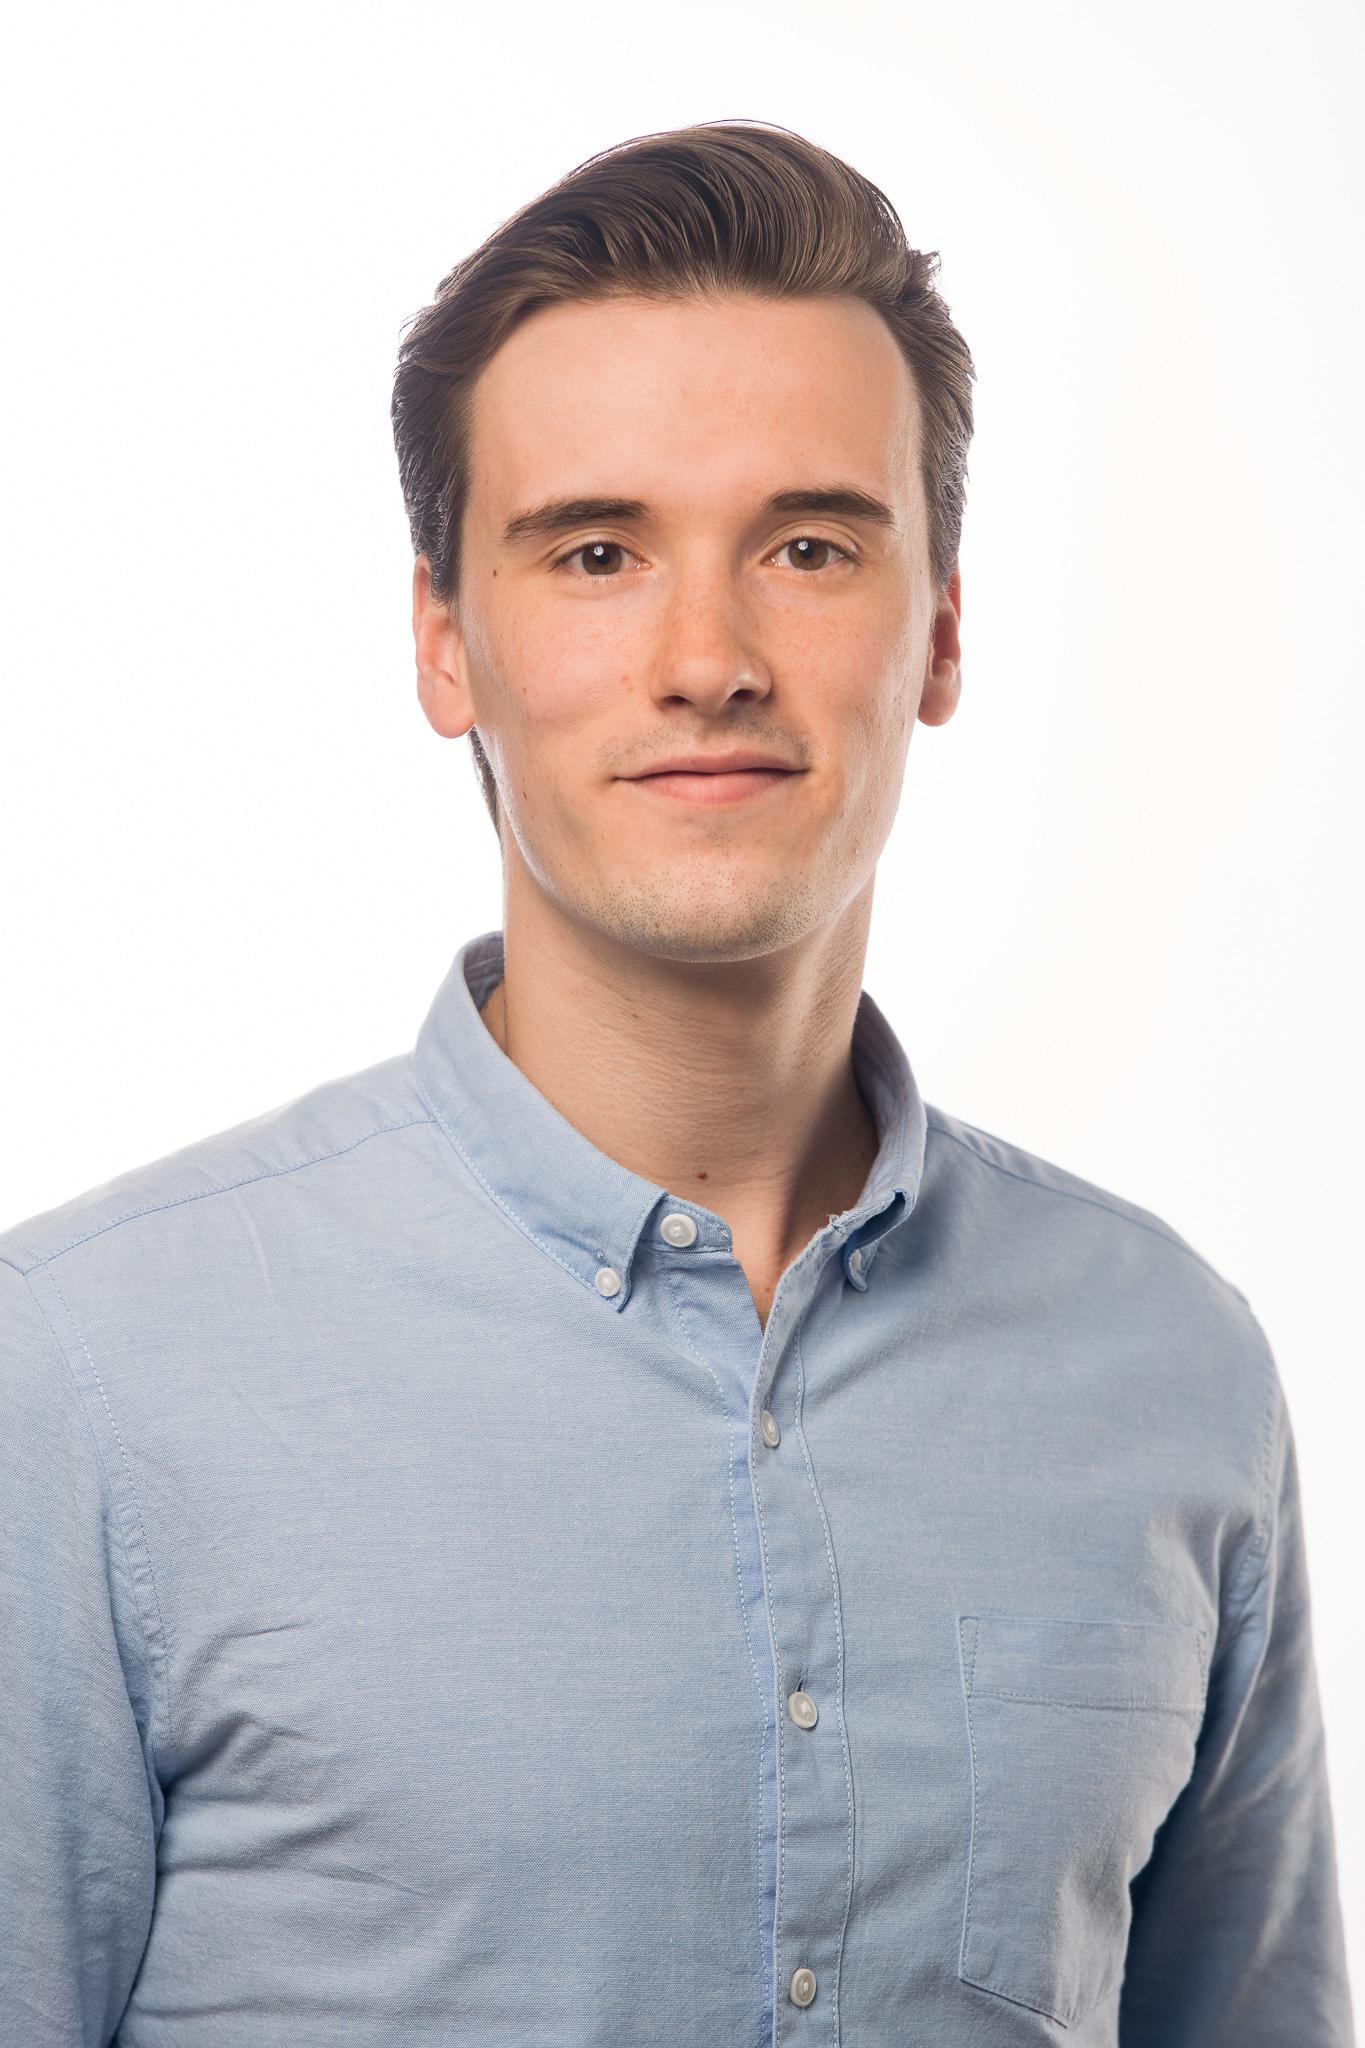 Portretfoto van medewerker Mats Baars